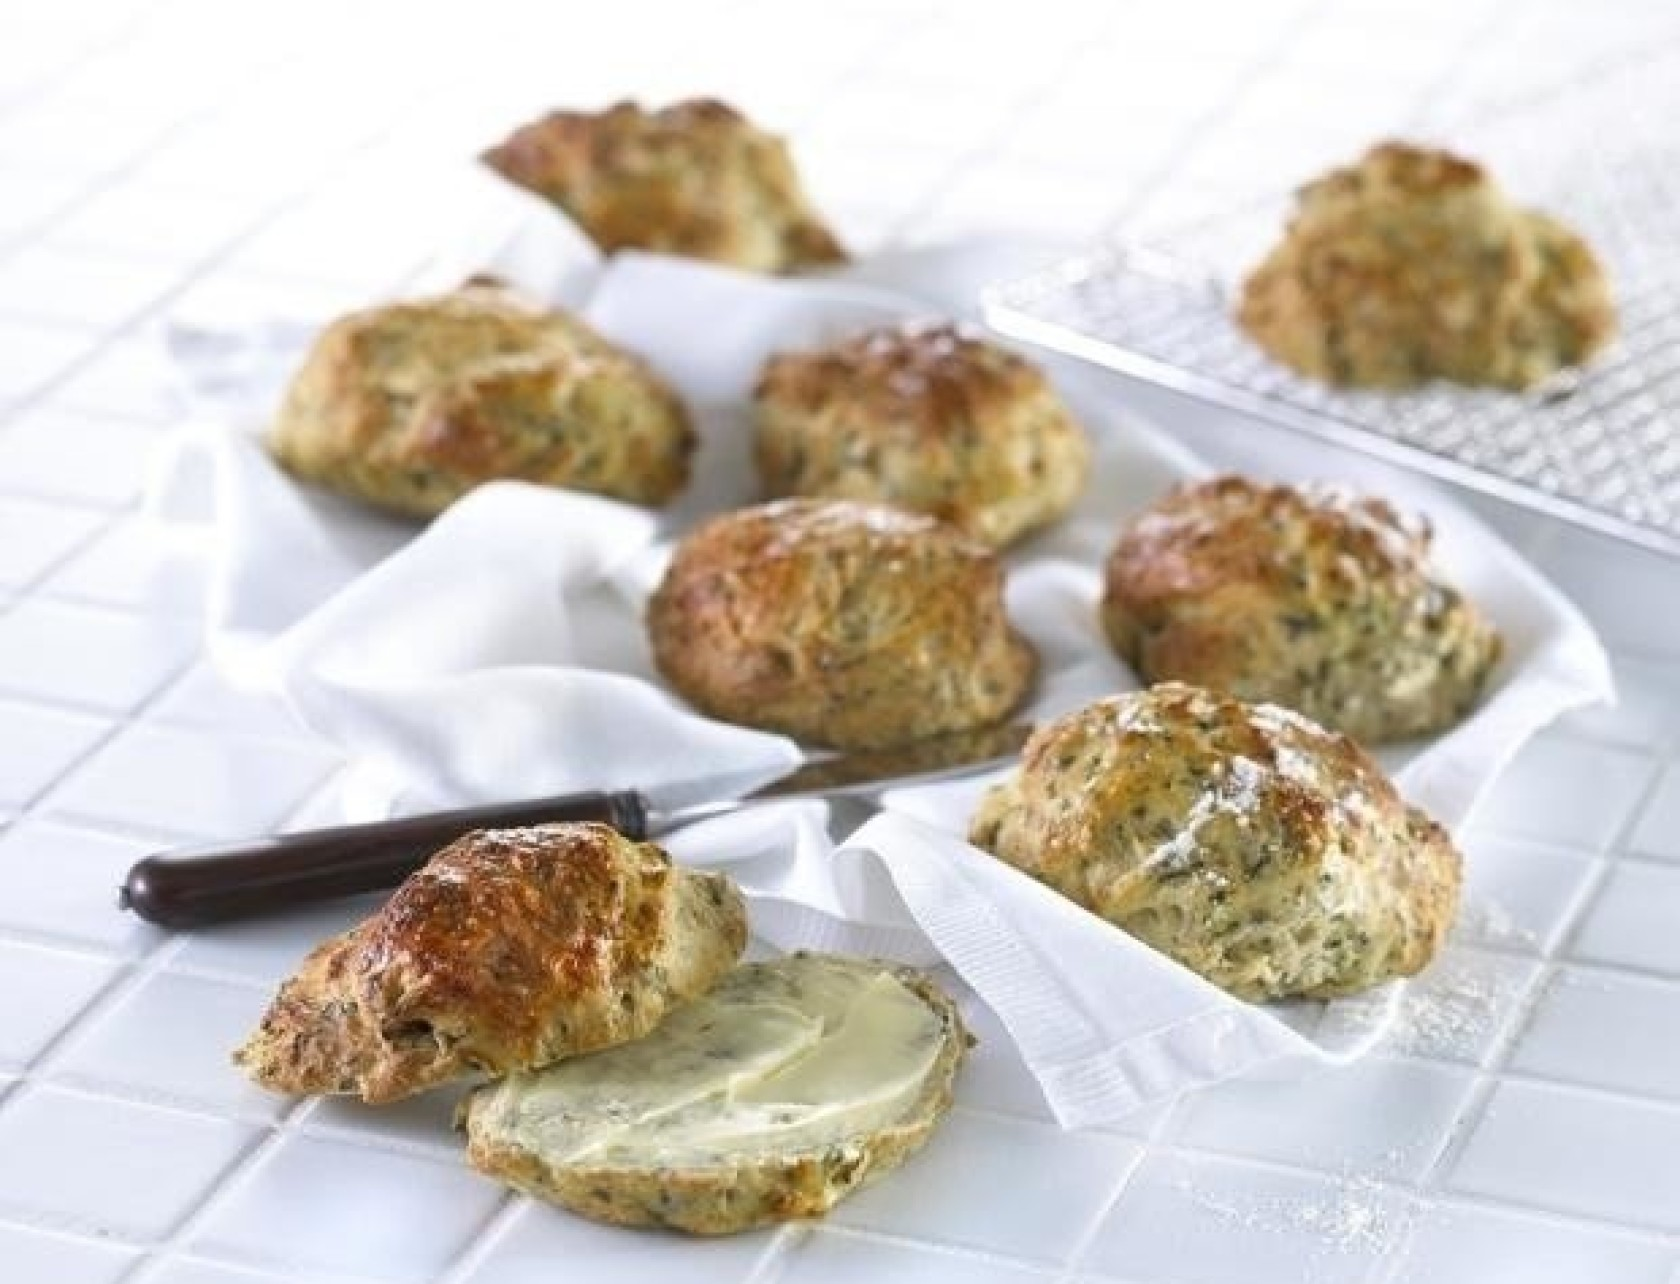 Grovboller med hytteost og spinat - den bedste opskrift på hjemmebag!